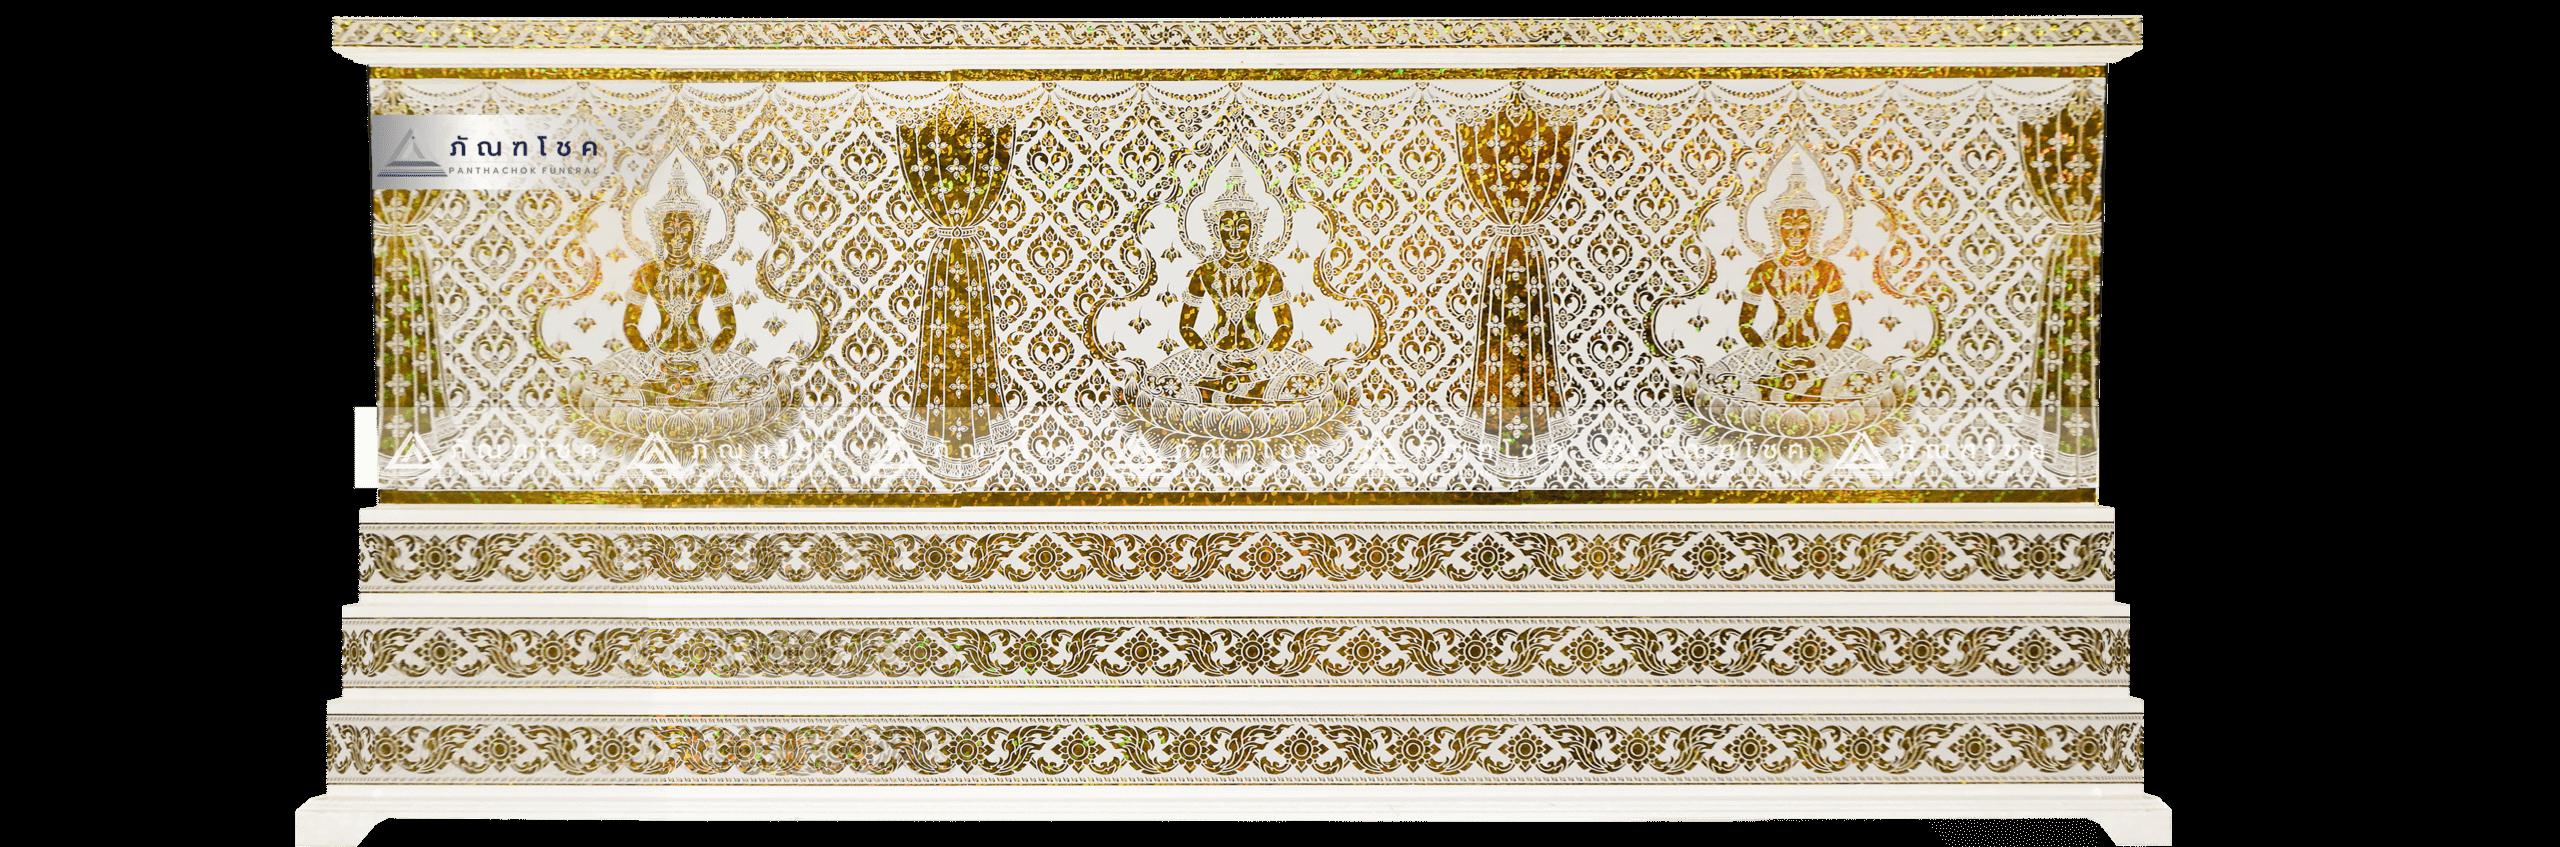 โลงศพ โลงศพ 3 ชั้น สีทอง